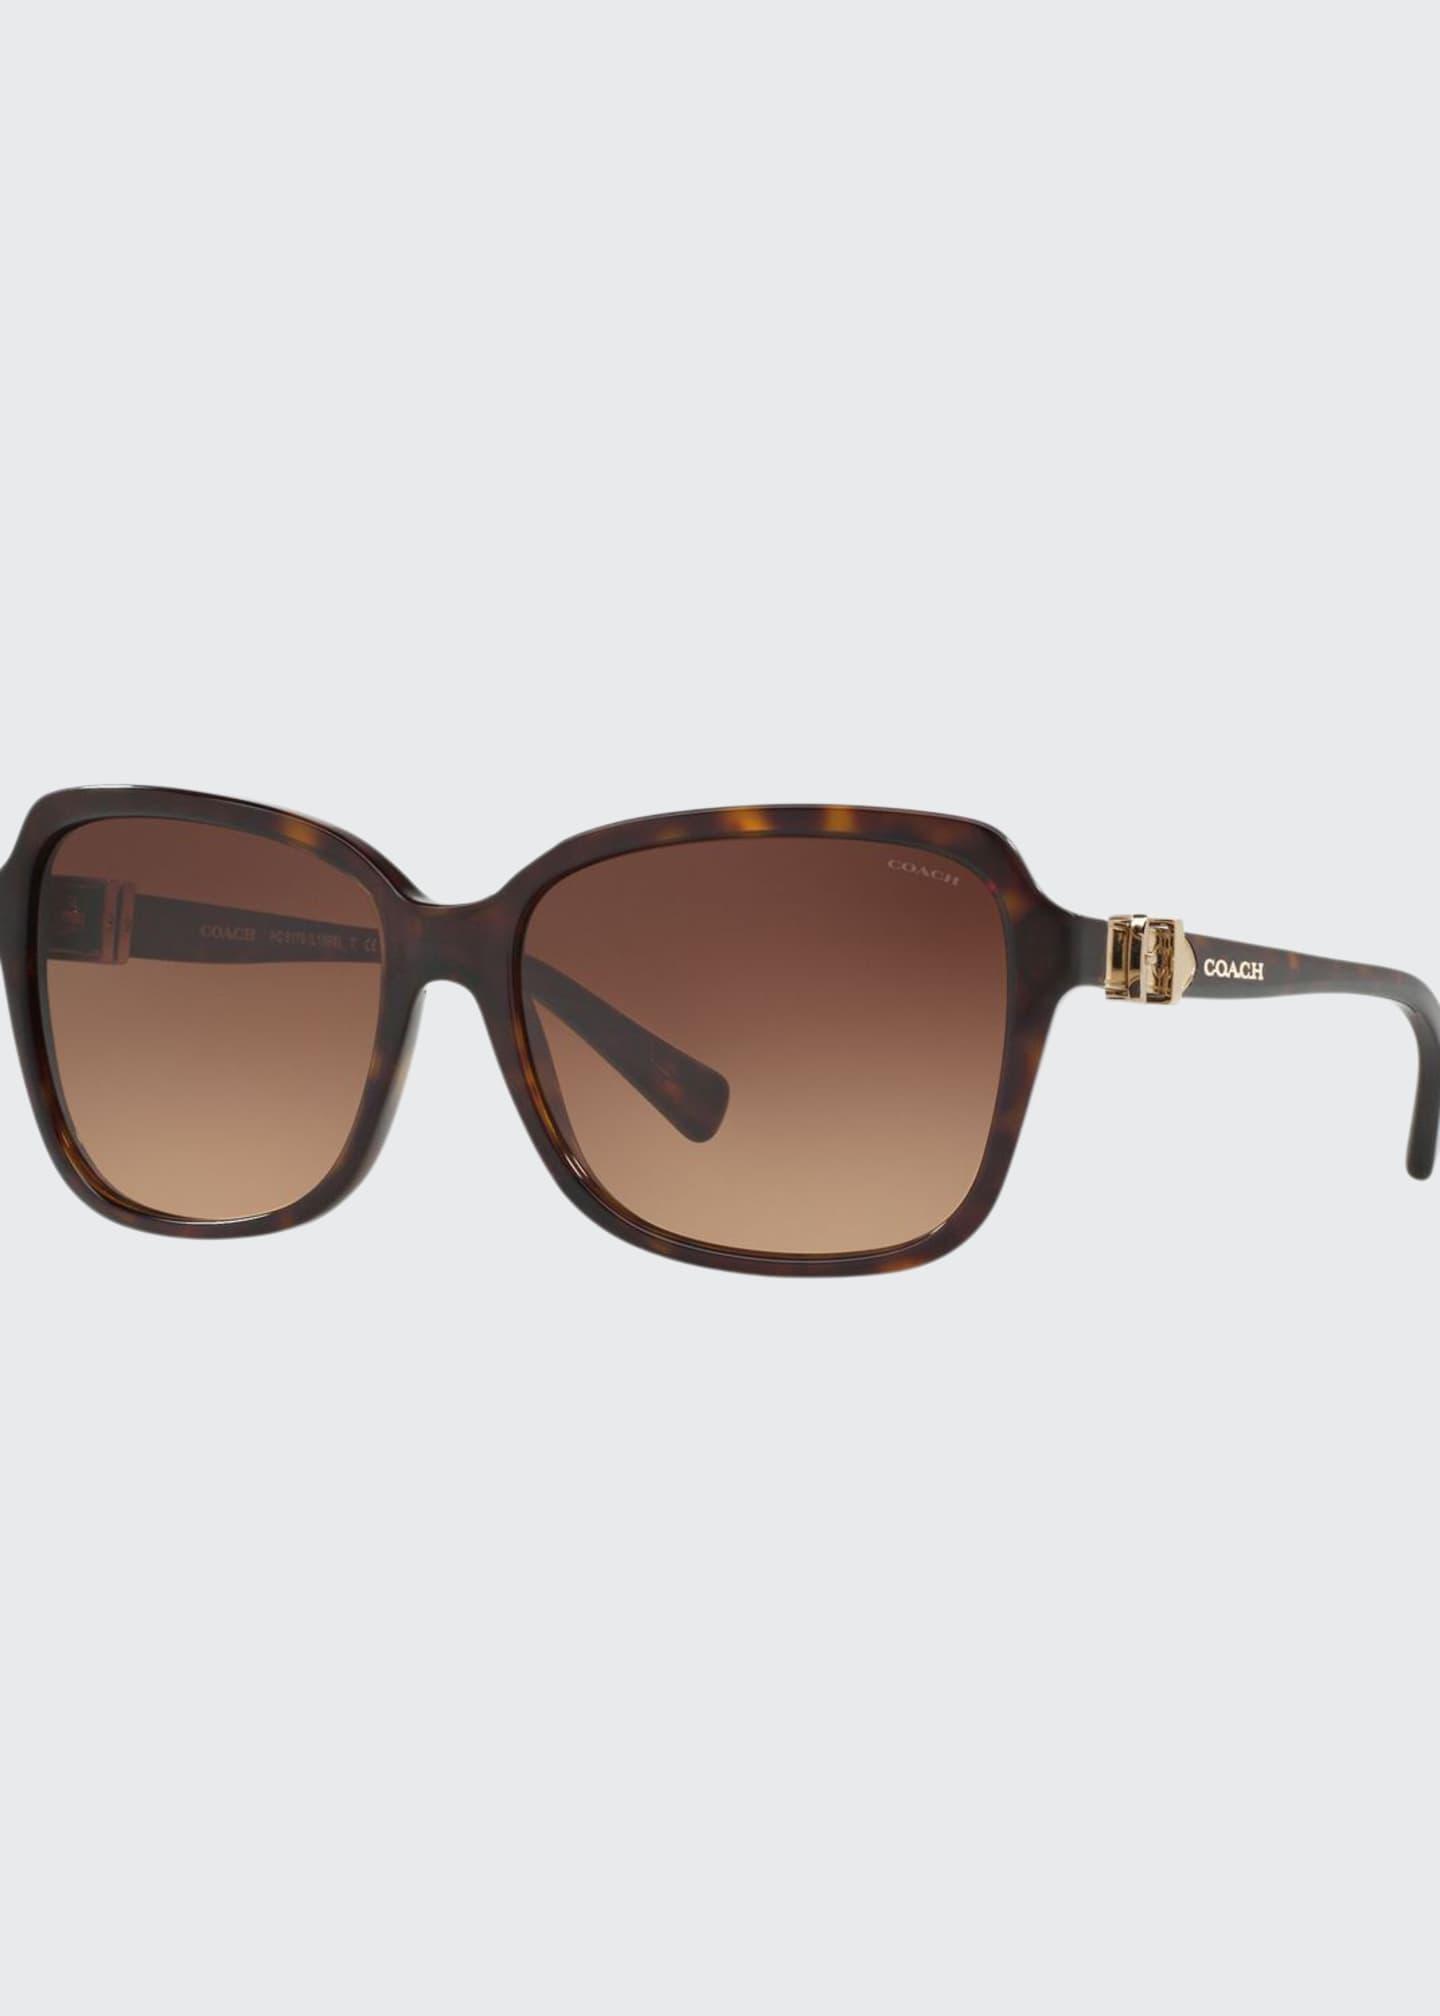 Coach Square Acetate Sunglasses w/ 3D Buckle Temples